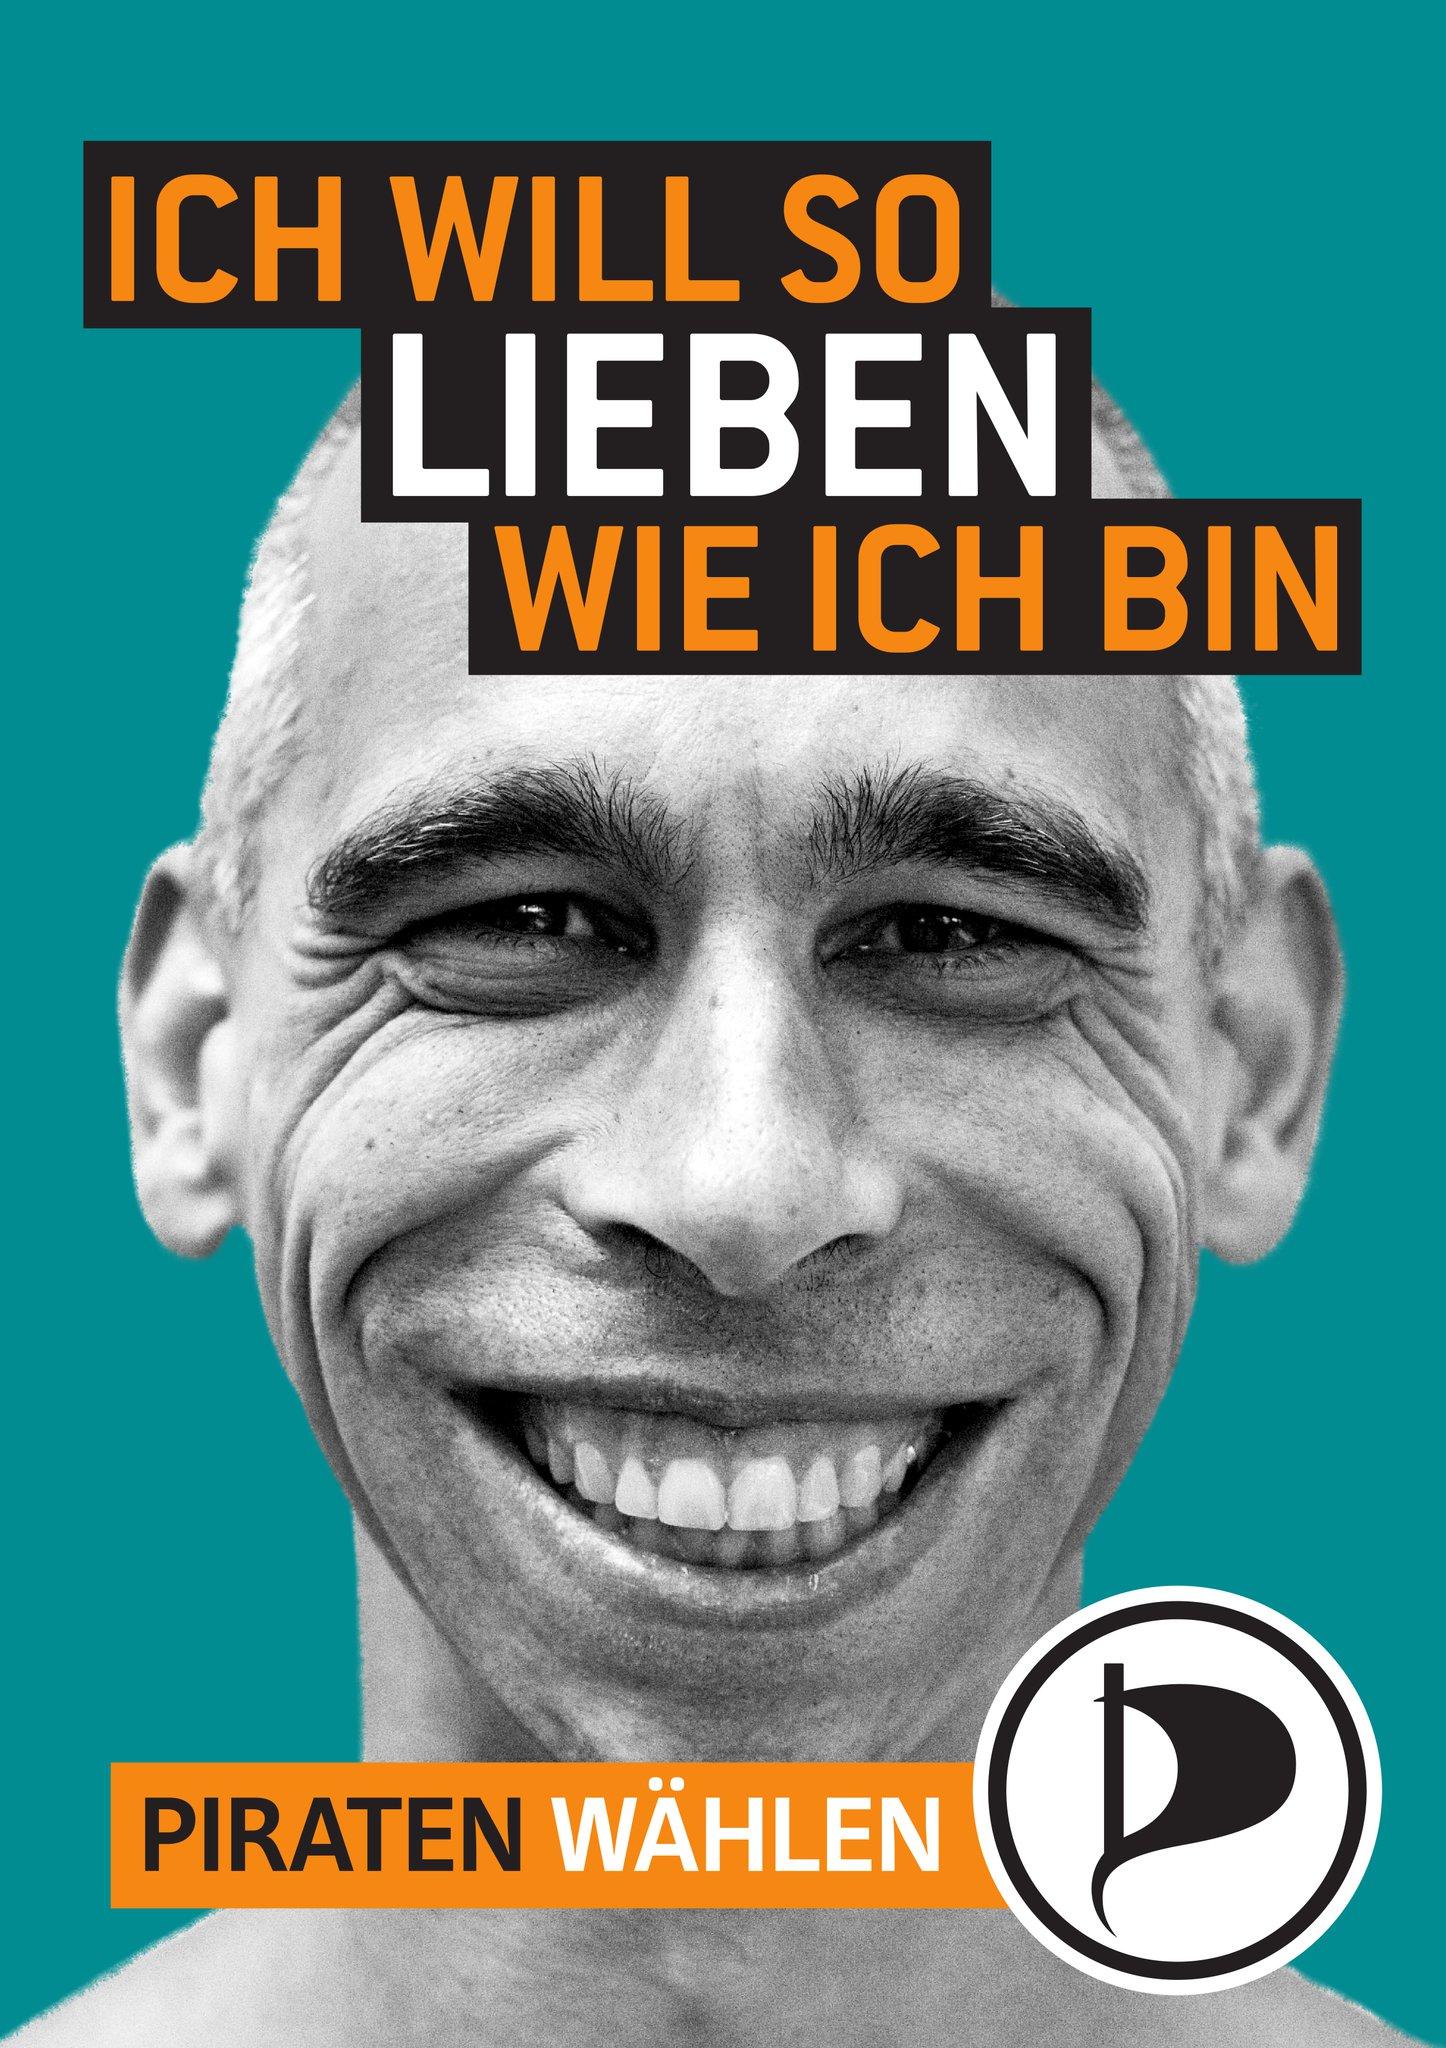 berlinplakat.07.jpg